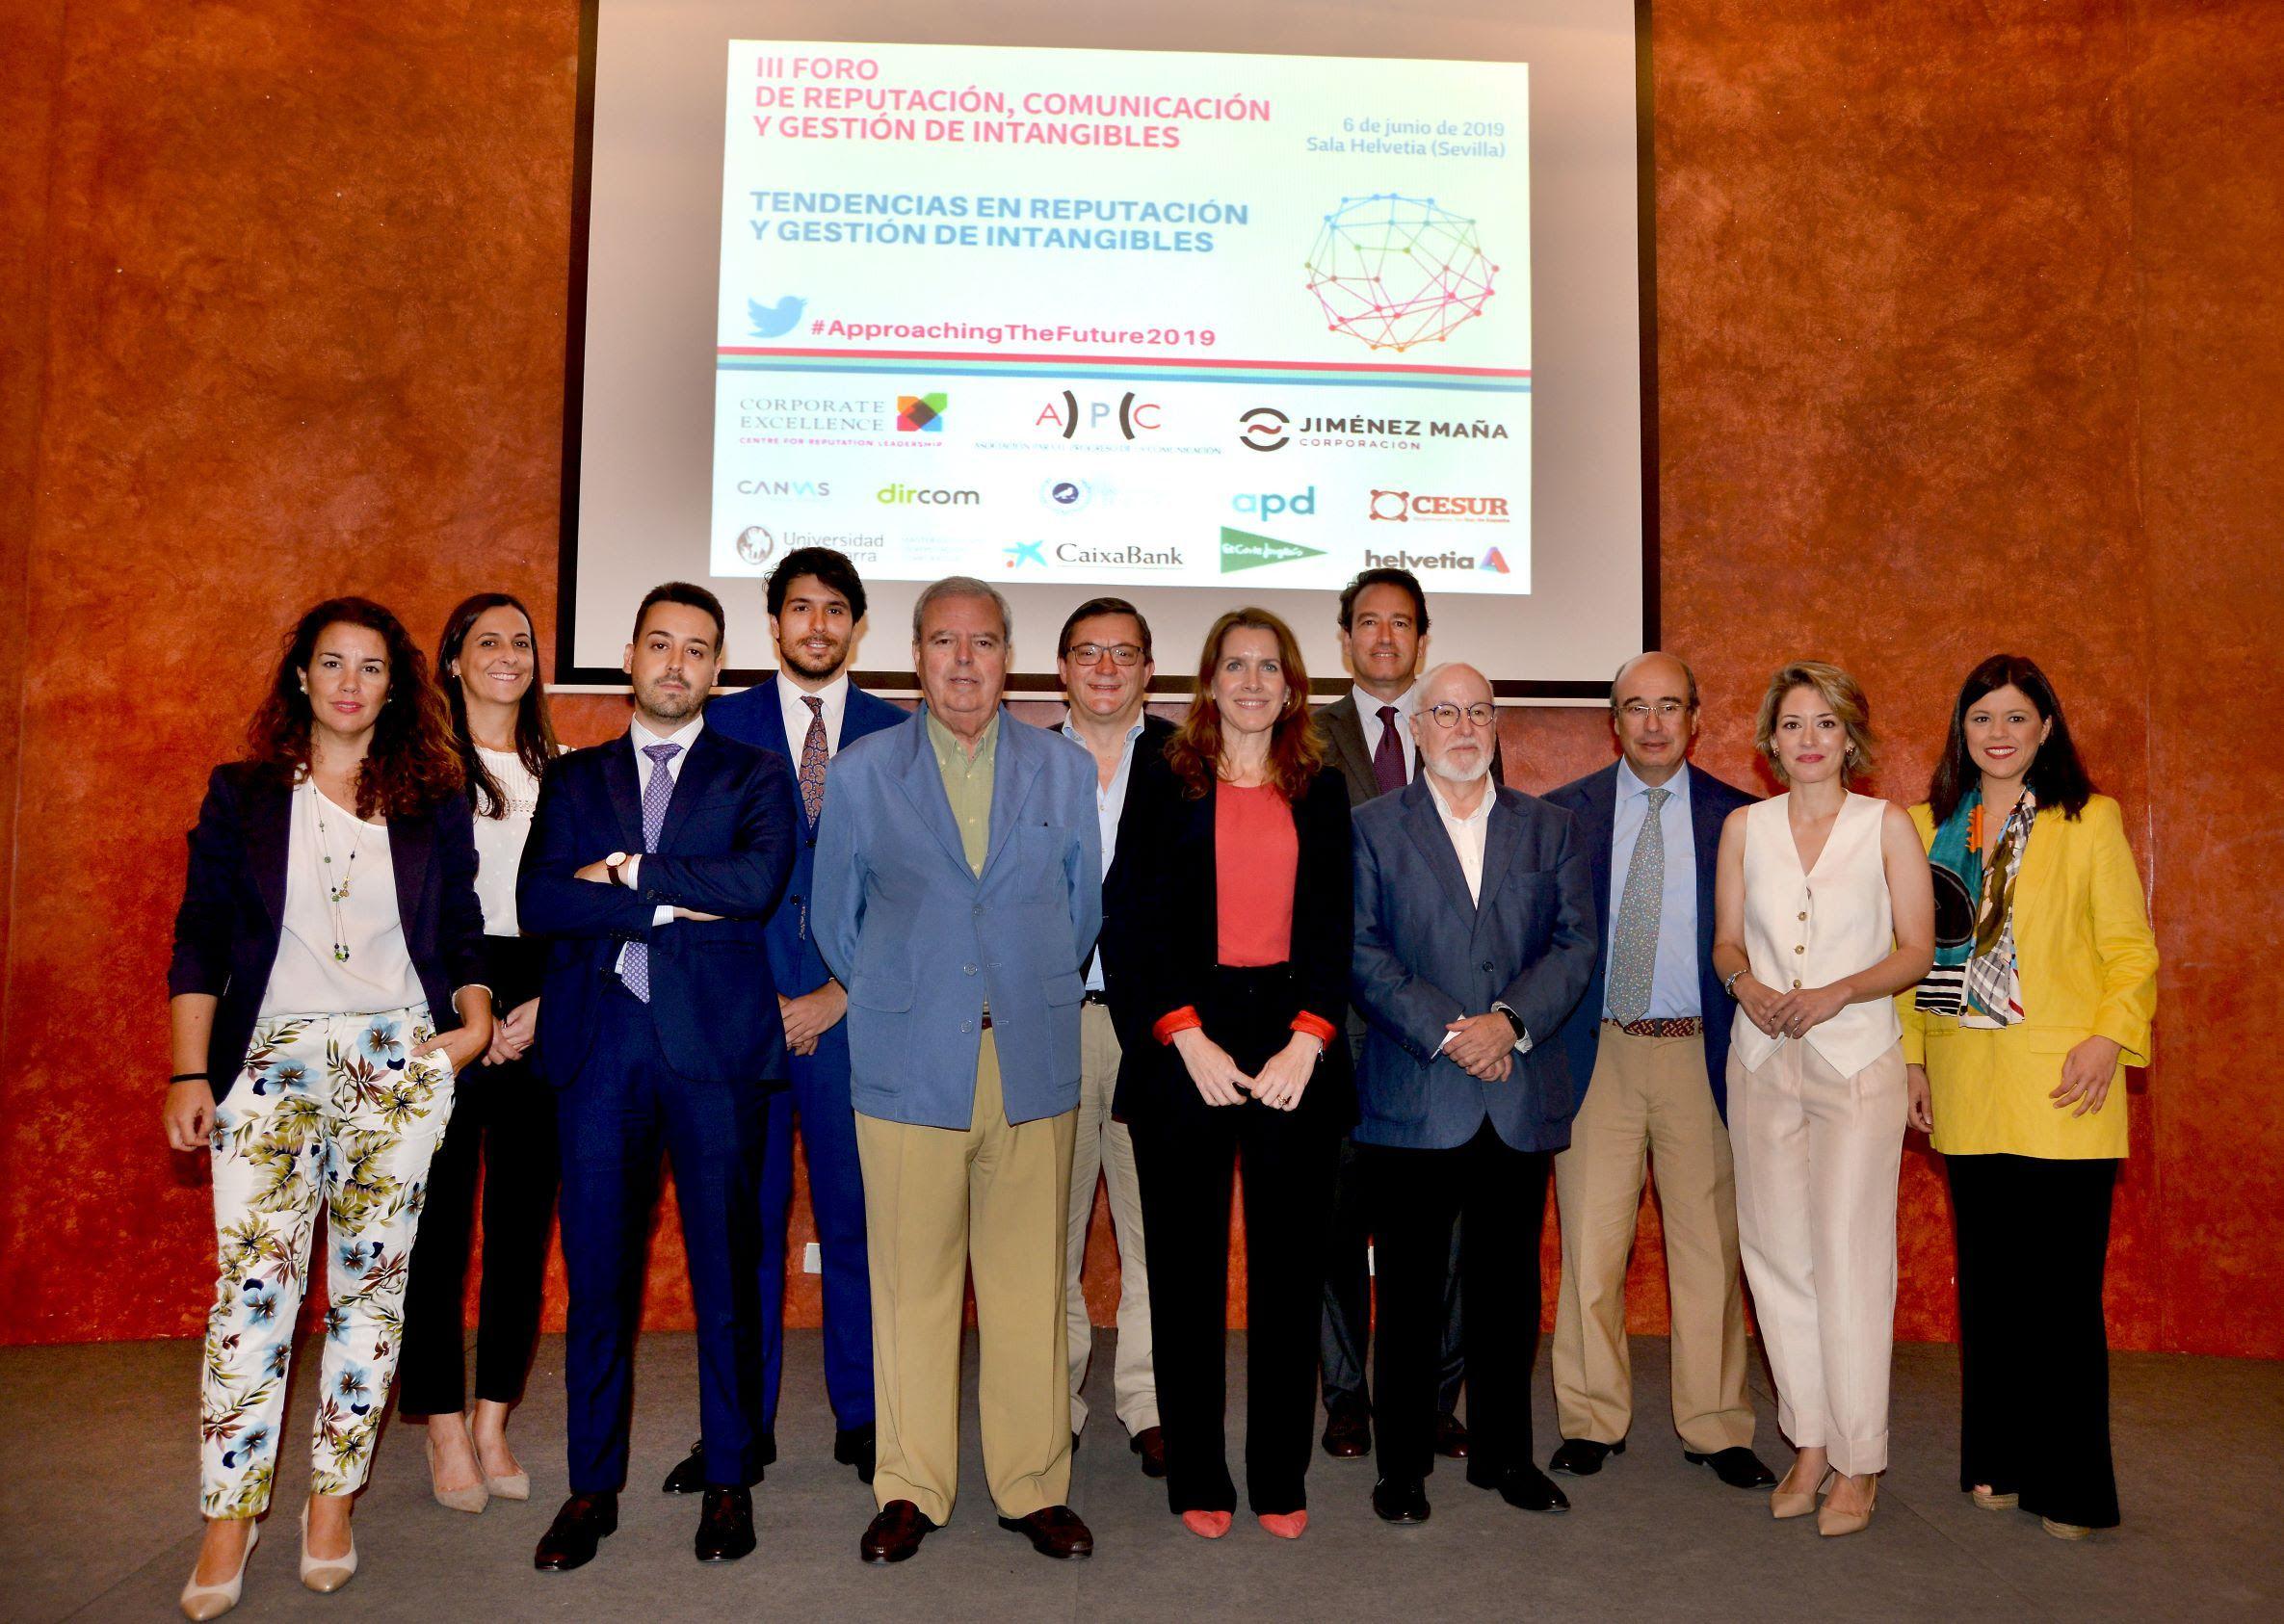 Foto de Foto de familia de los participantes en la presentación del